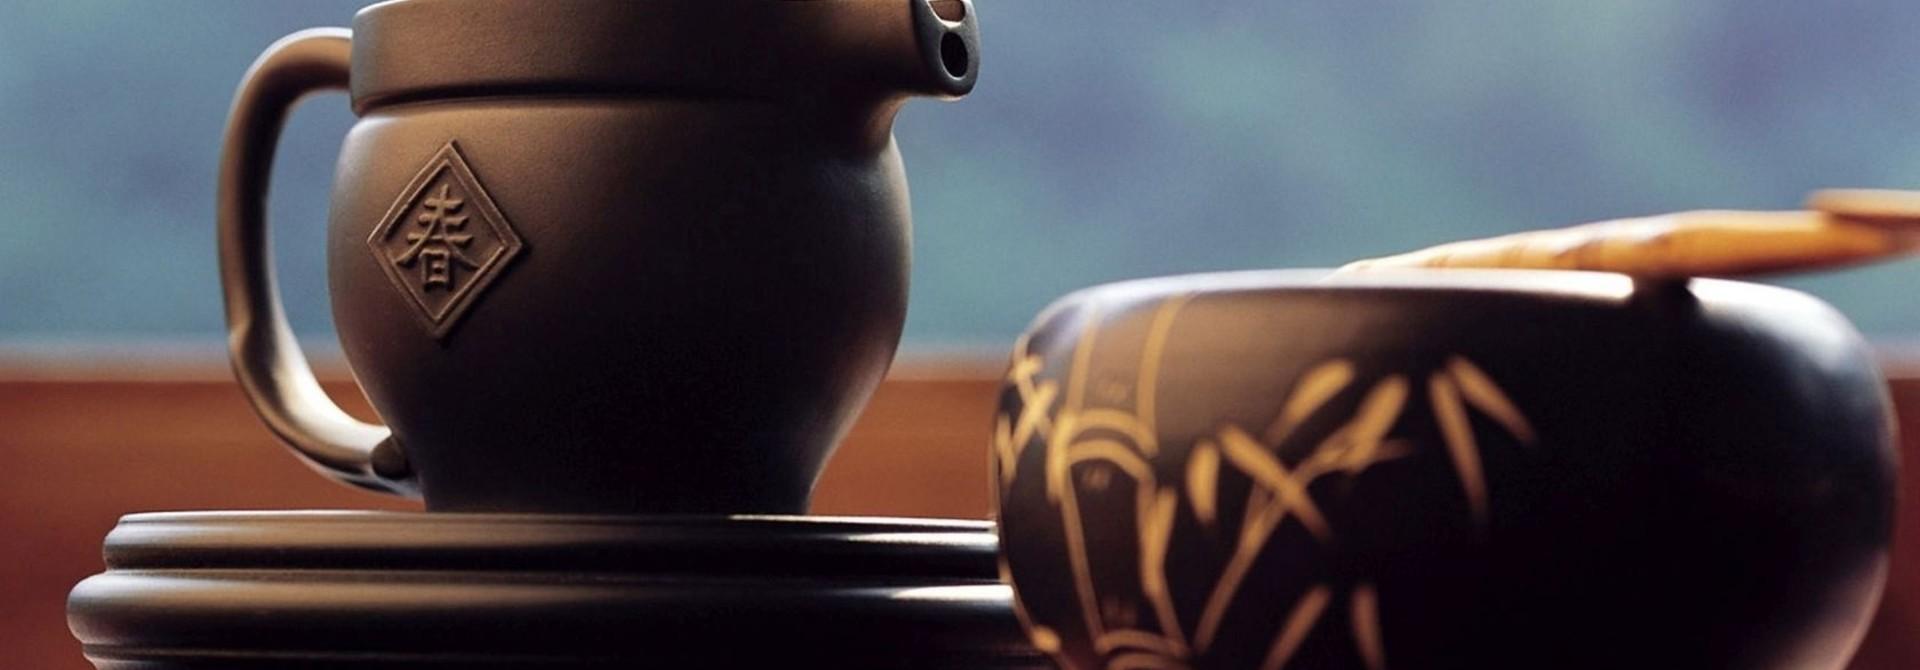 Tee liefert